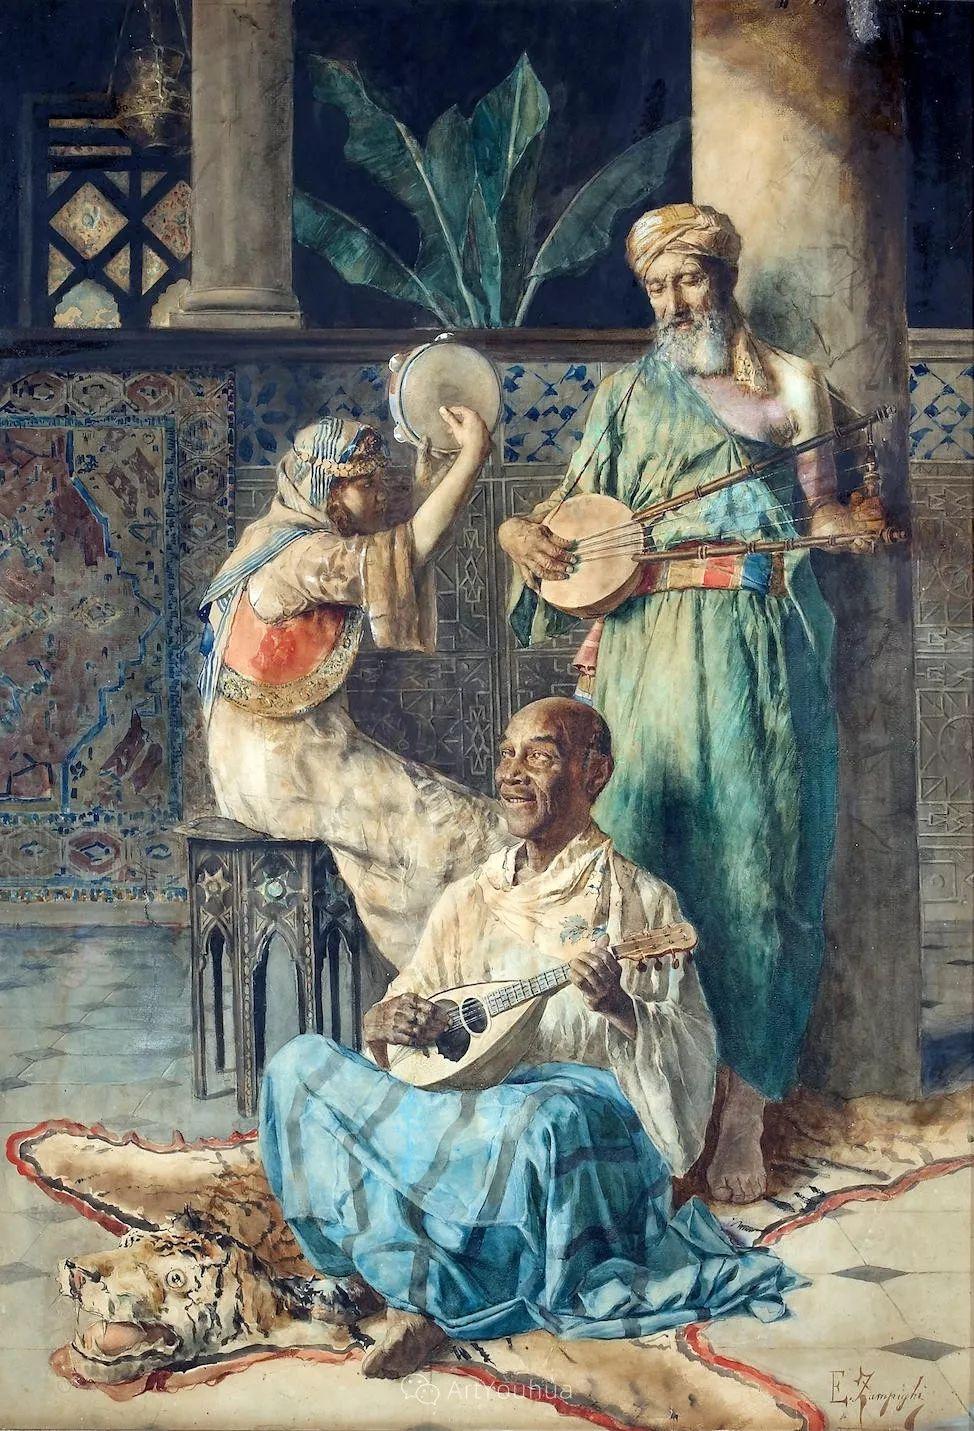 他把普通人的生活,画得如此欢乐、温馨、幸福,意大利画家Eugenio Zampighi插图19